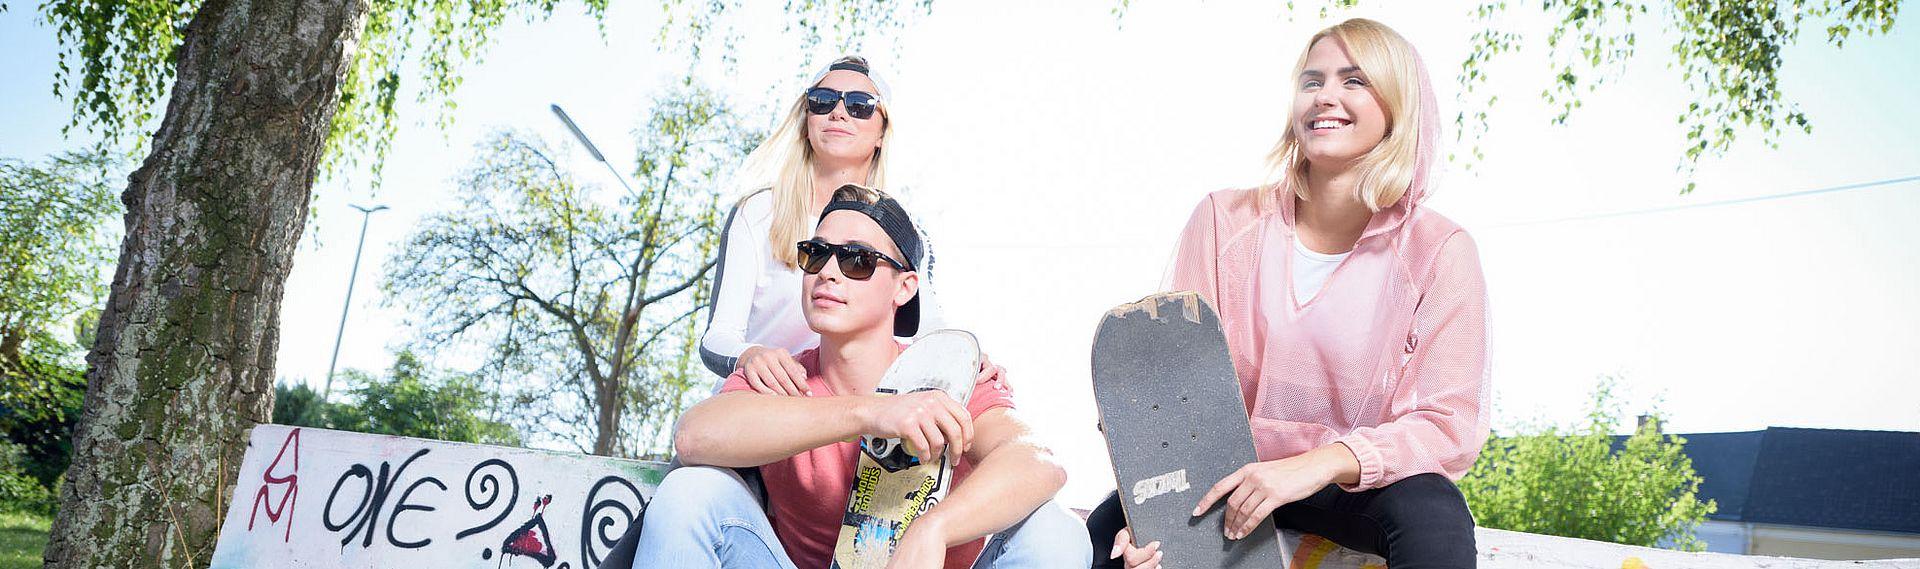 Jugendliche mit Skateboard draußen